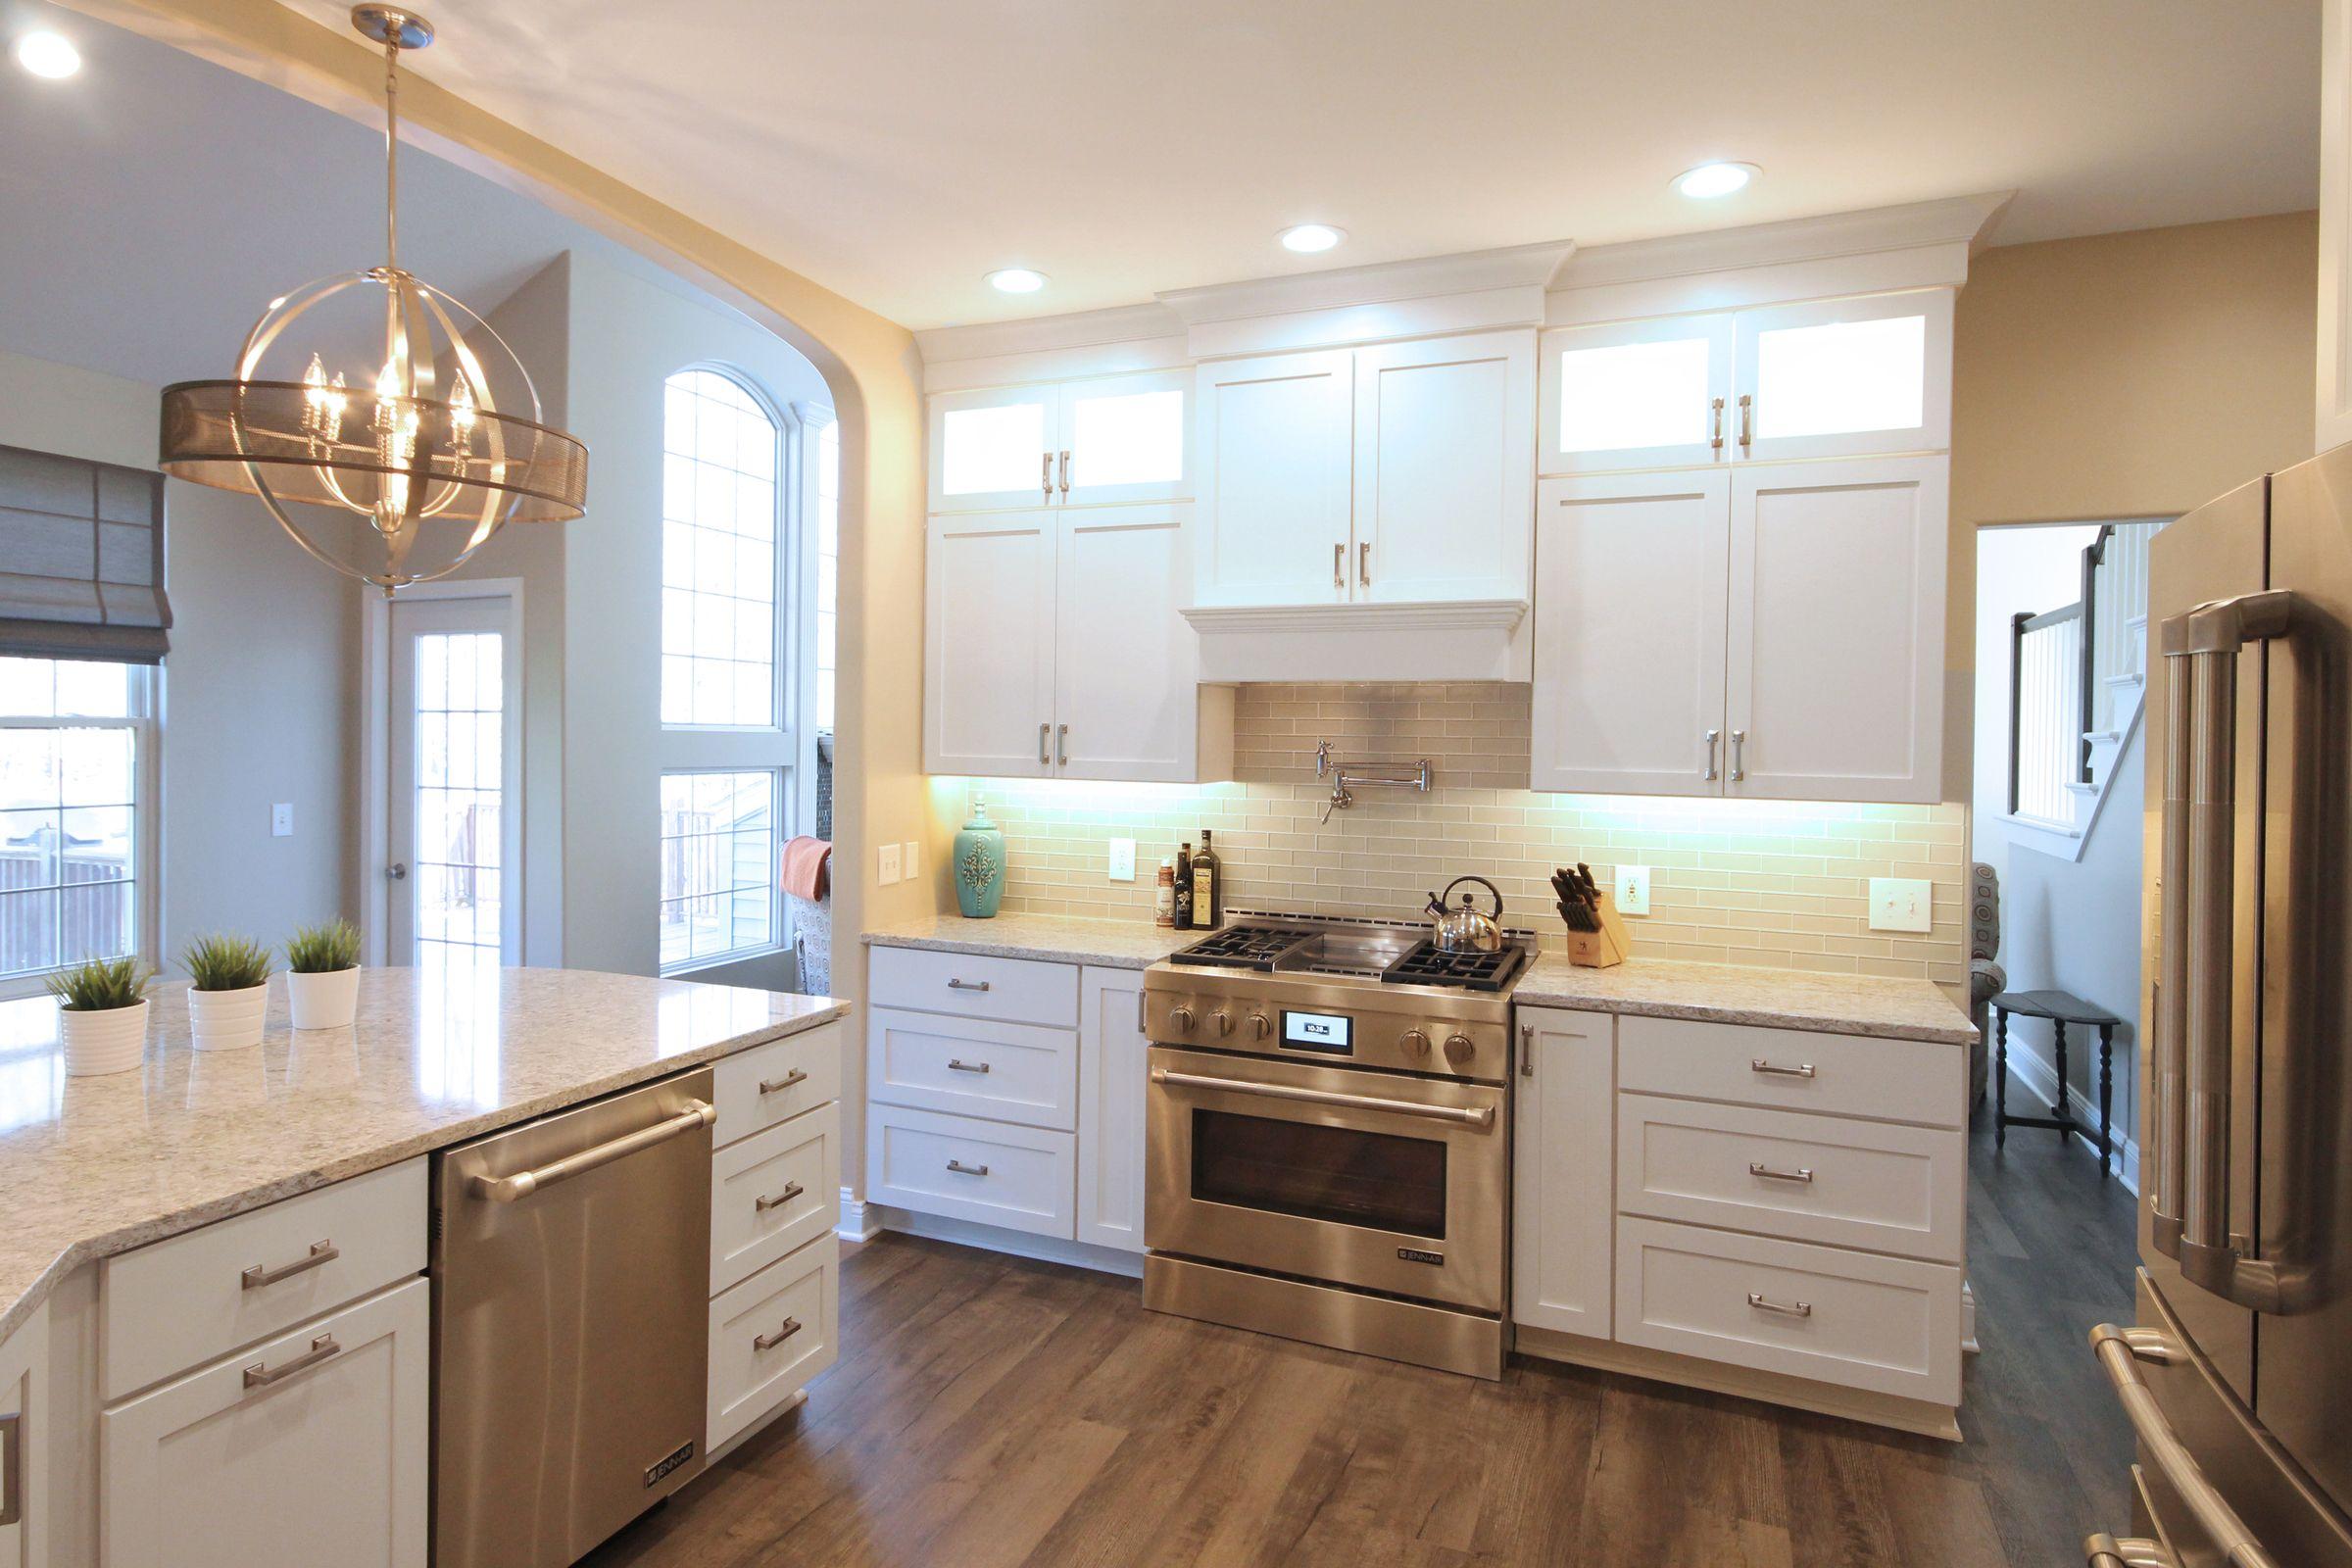 Starlite Kitchens Designer: Paula Allison. Photographer: Sandi ...